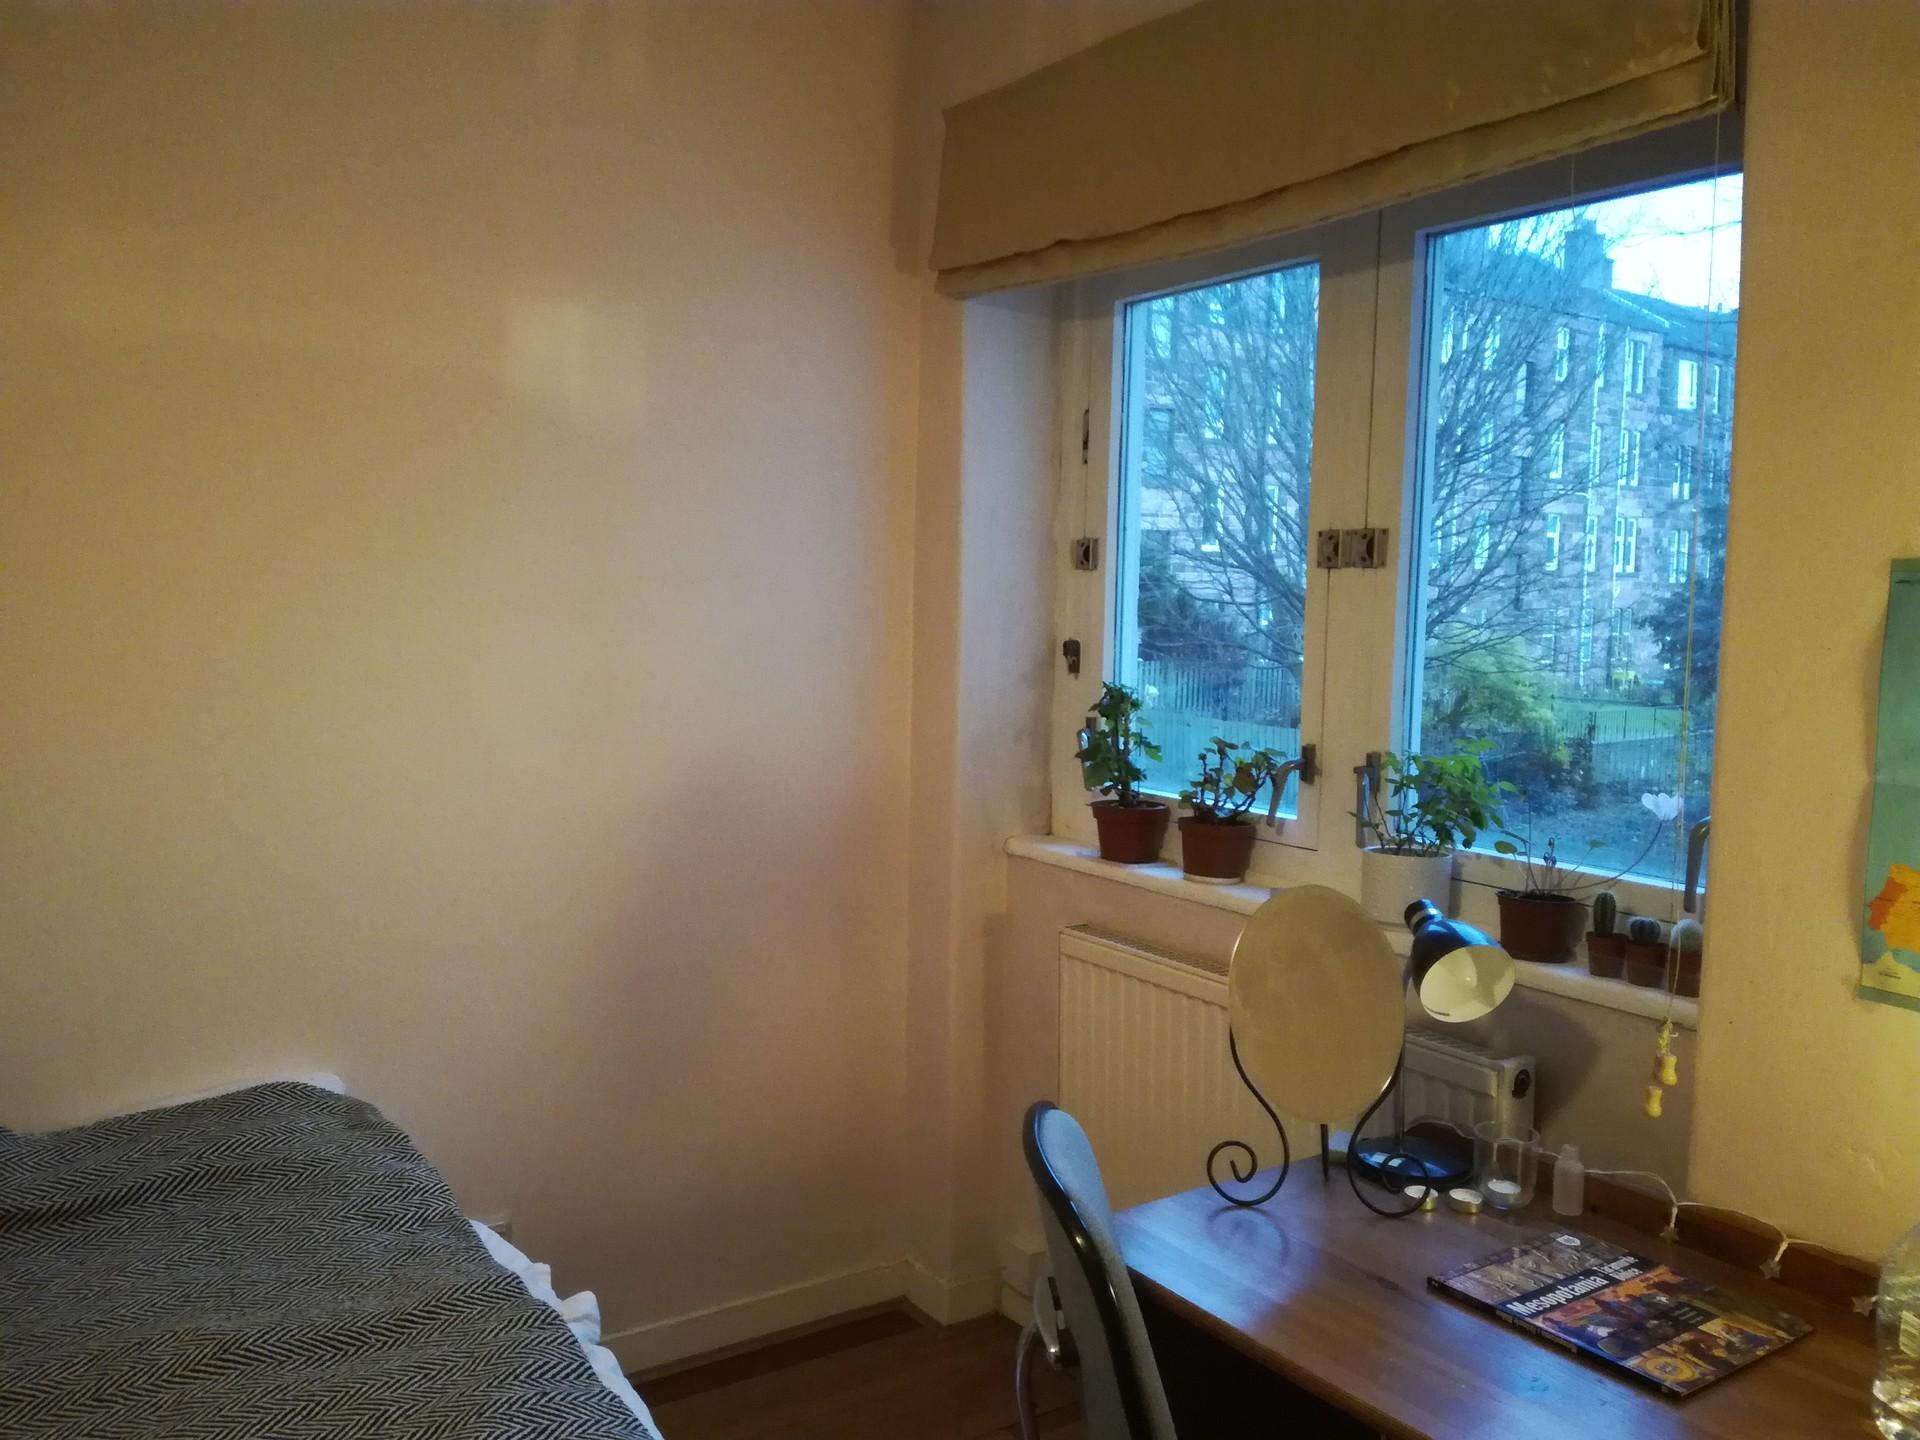 room-available-glasgow-west-end-3200fdaf8d1378279d1c4929ce7d6d96